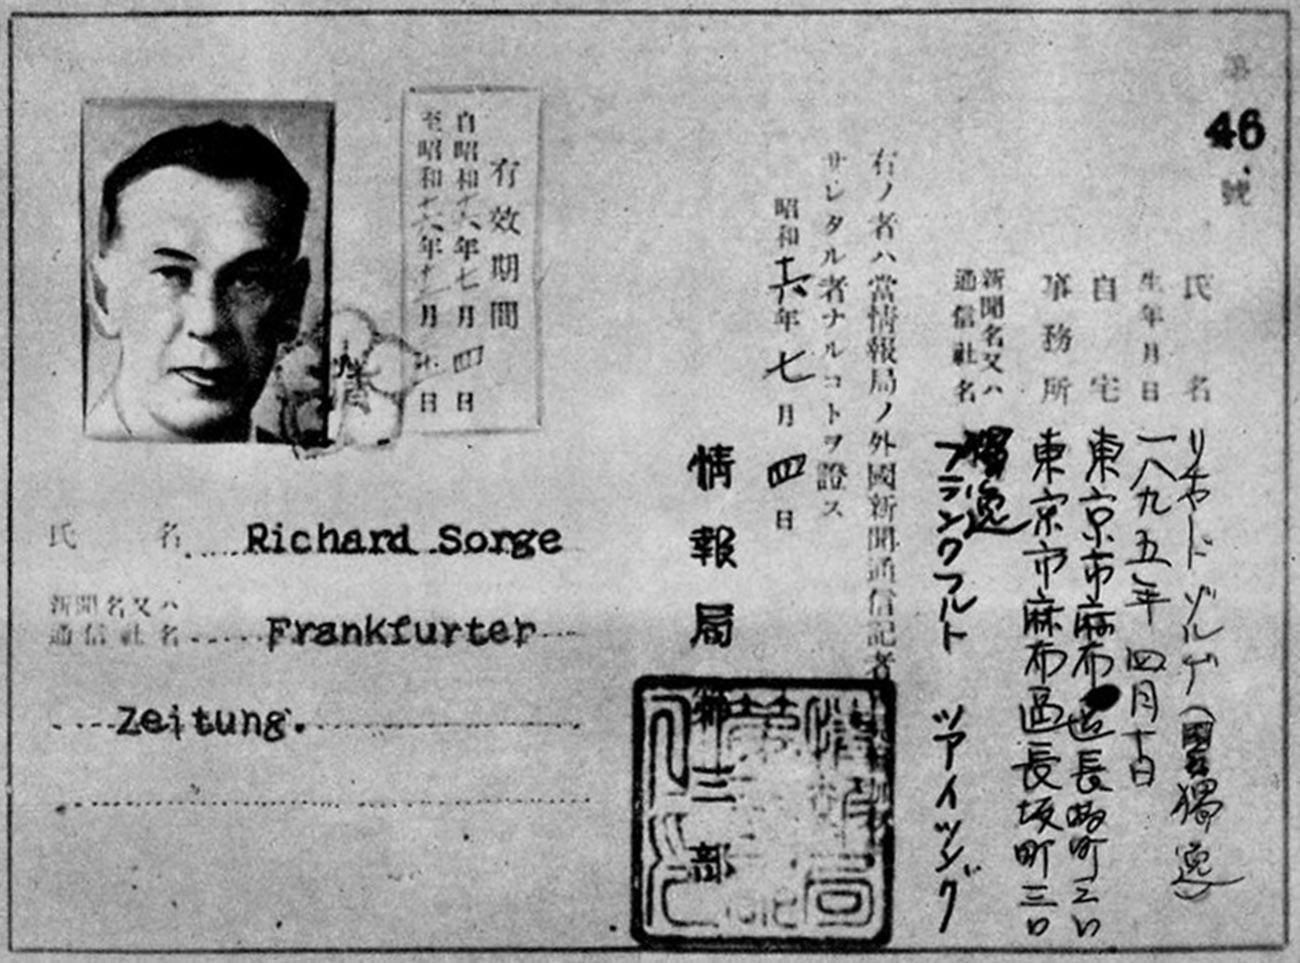 Certificat du secrétaire de presse de l'ambassade d'Allemagne au Japon, Richard Sorge